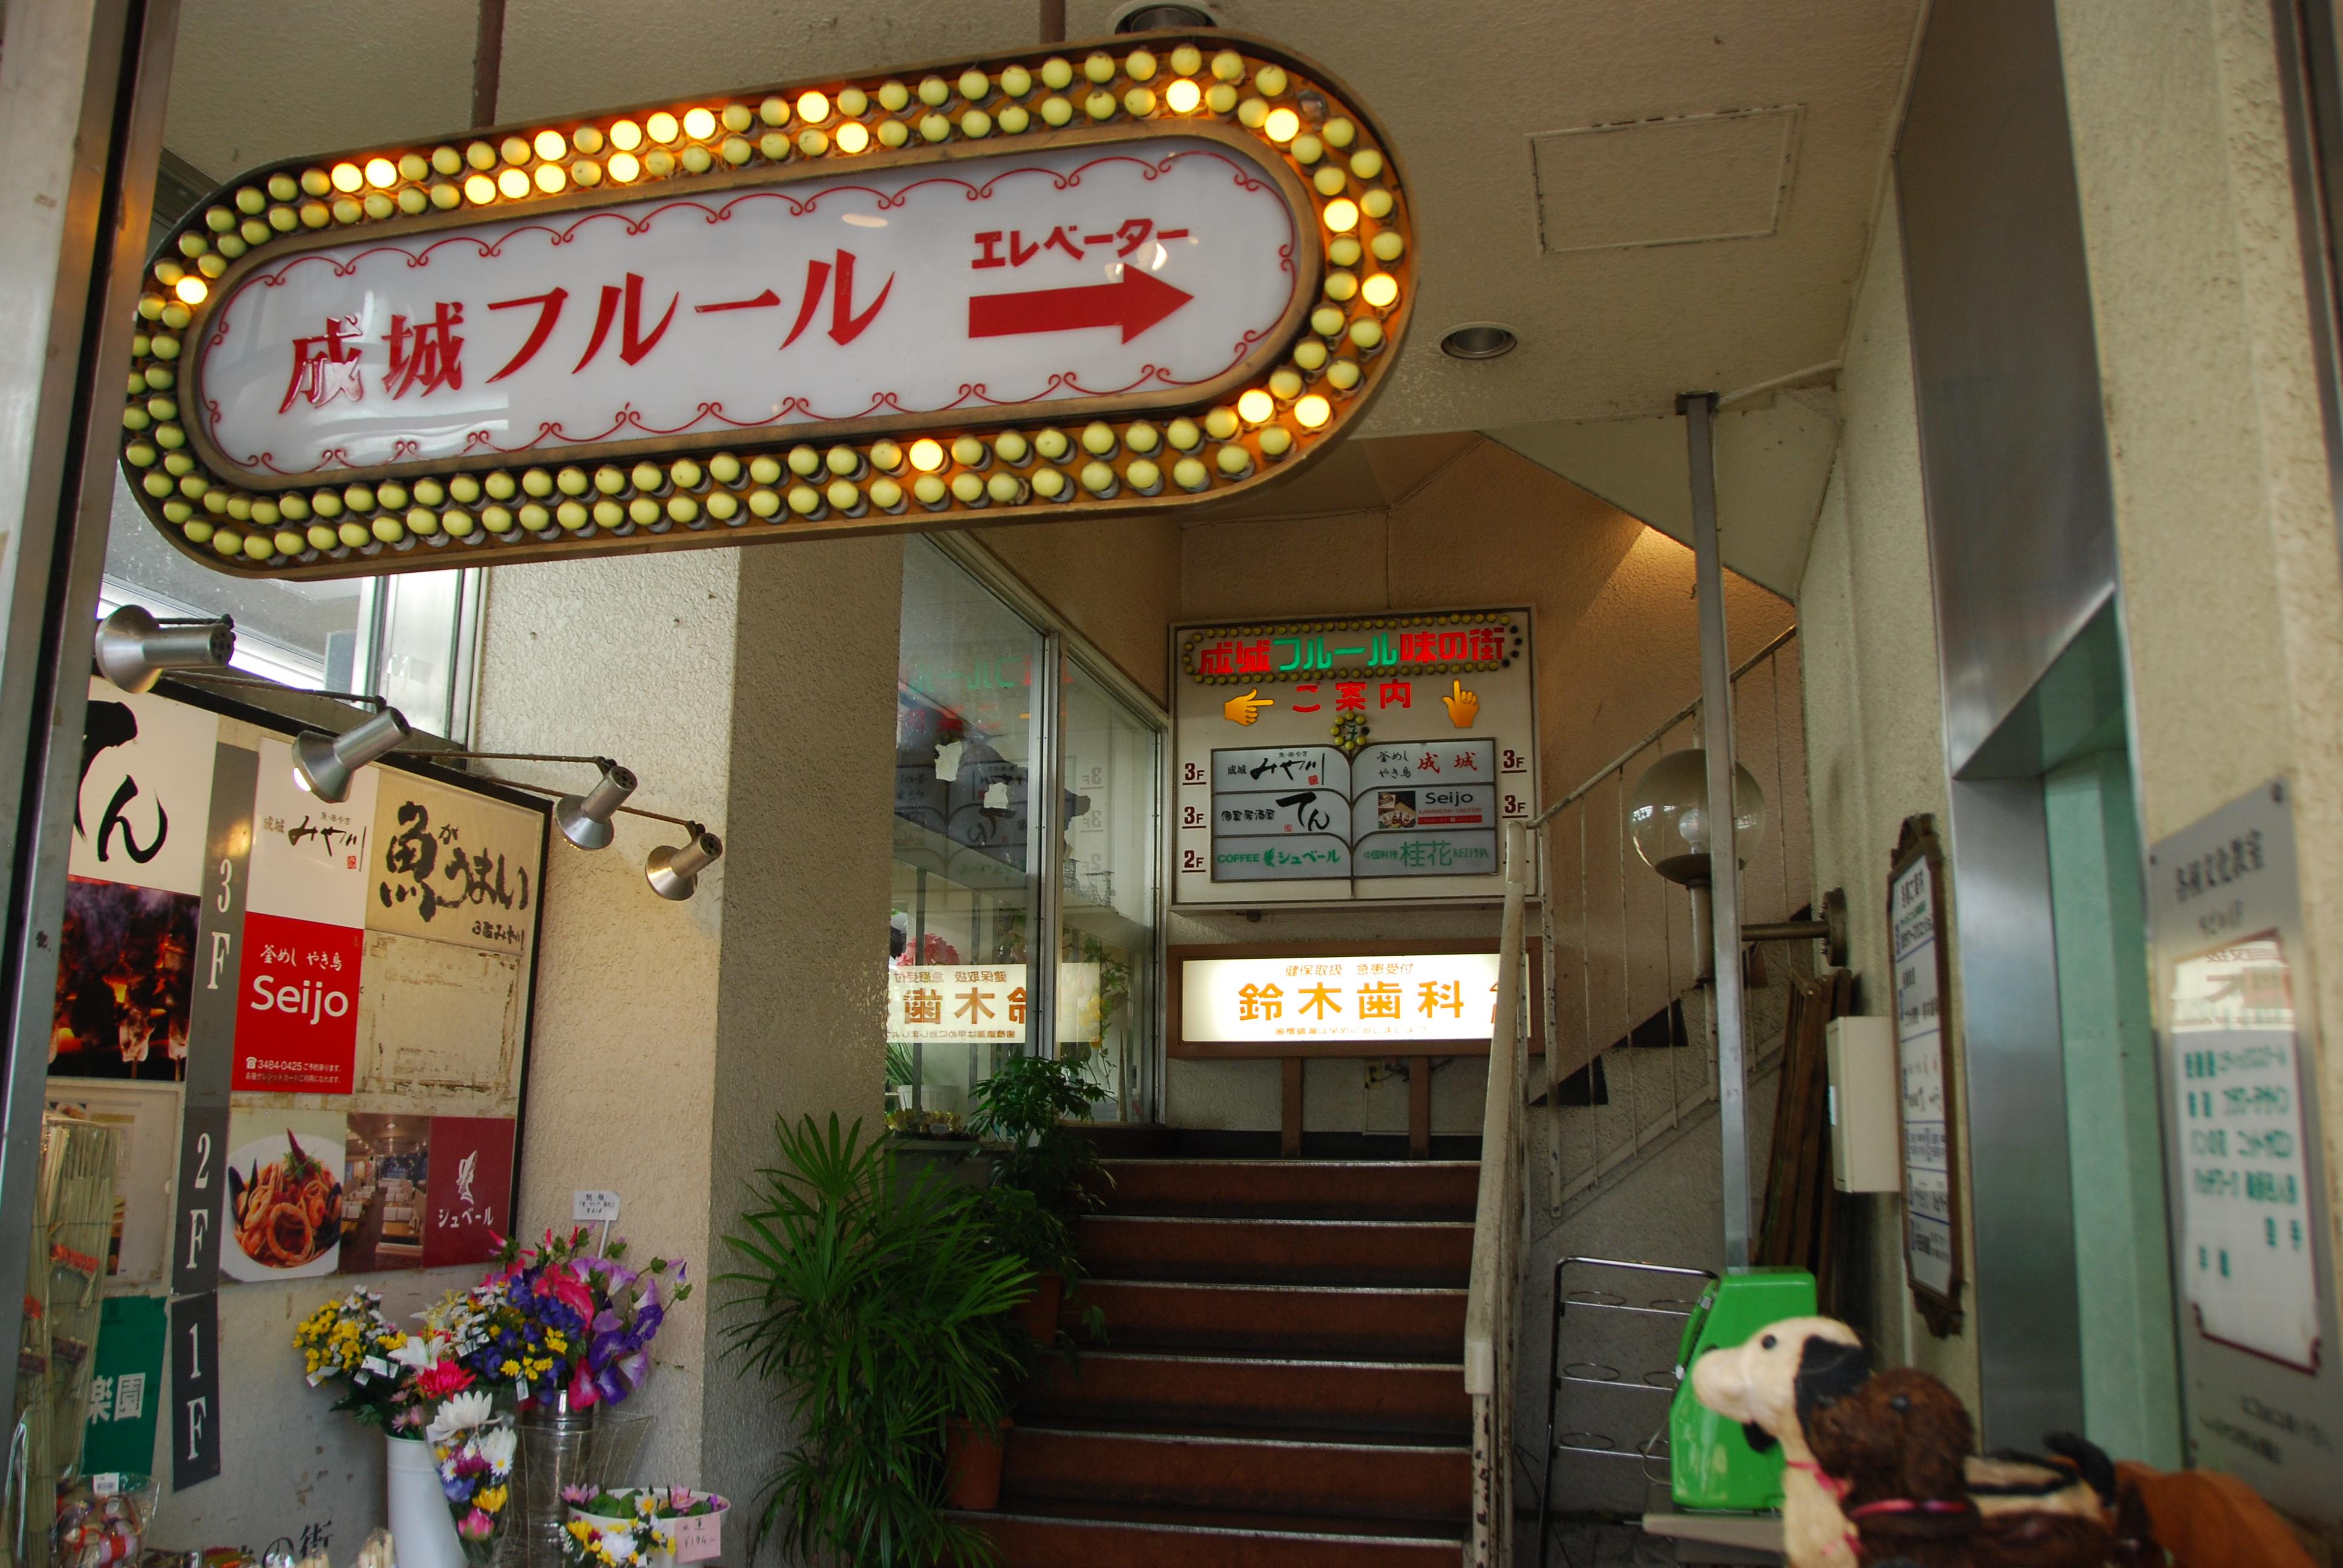 http://hakkaku-culture.info/webmagazine/images/55%E2%98%8512037.JPG